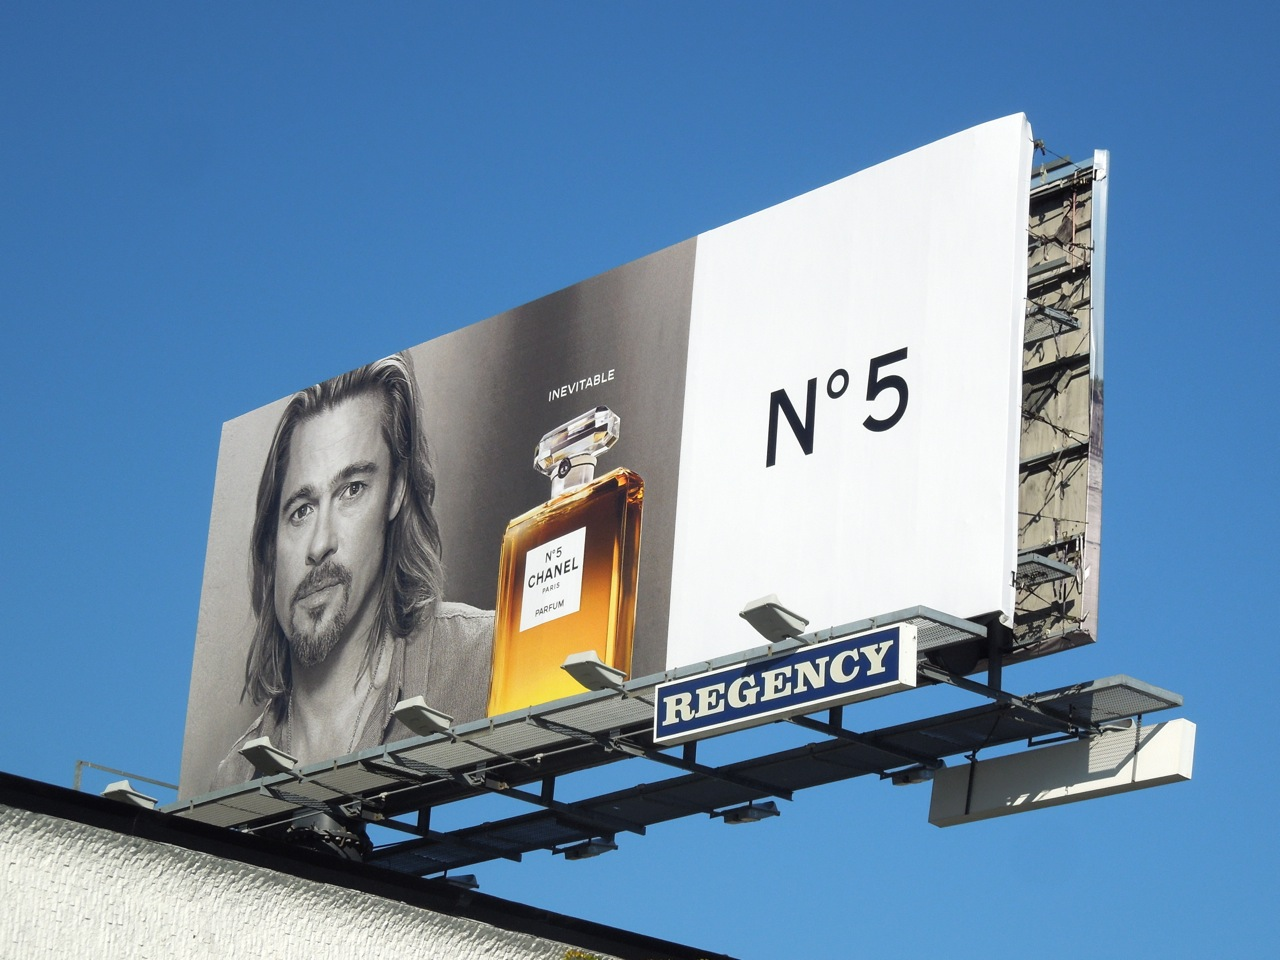 http://3.bp.blogspot.com/-BVqev0YVKfs/UJbEU9IN_xI/AAAAAAAA3W8/UcrcbZ-t2Ps/s1600/brad+pitt+chanel5+perfume+billboard.jpg